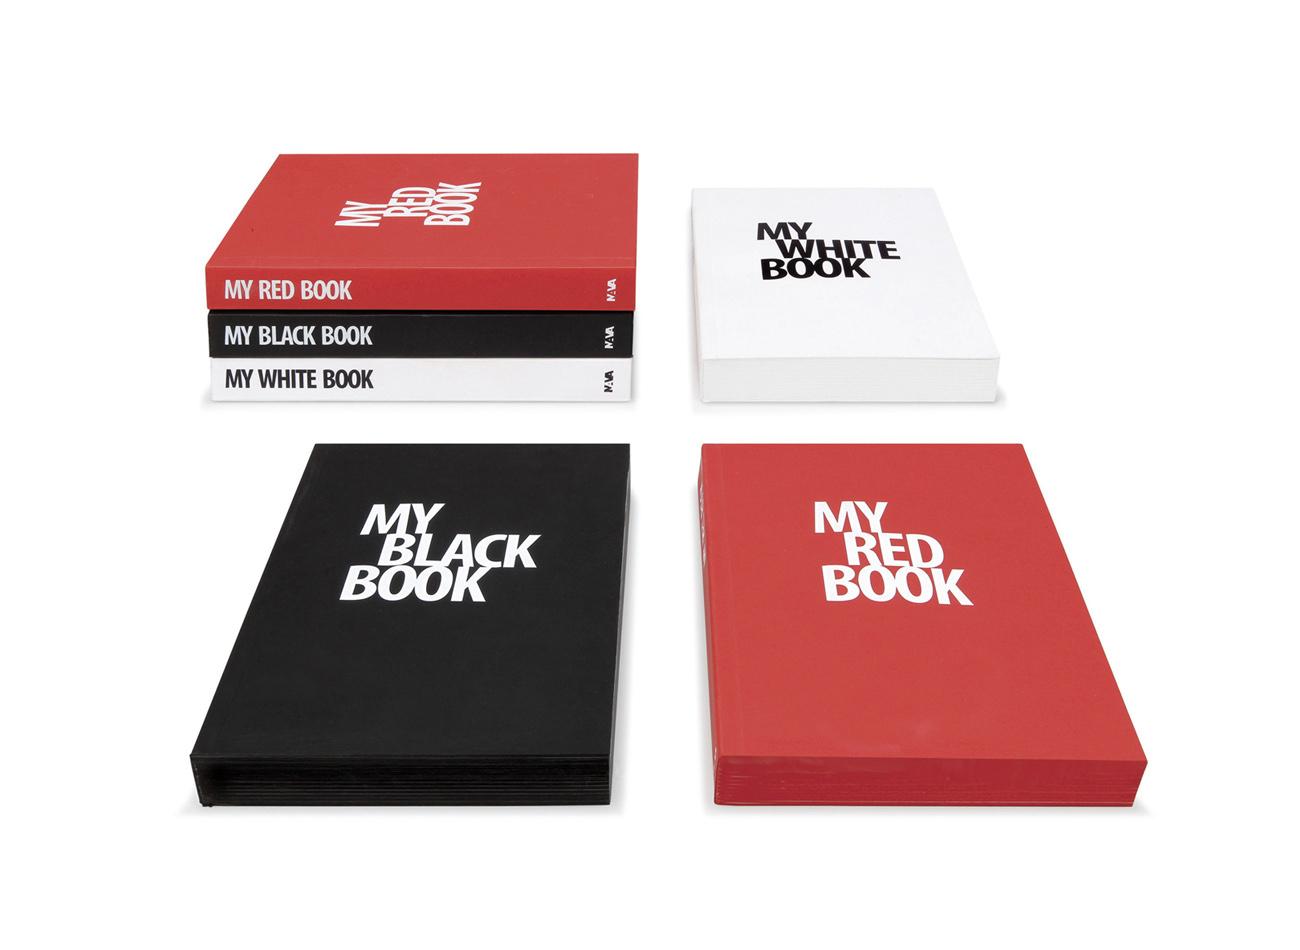 book - Denis Guidone Nava design - 02